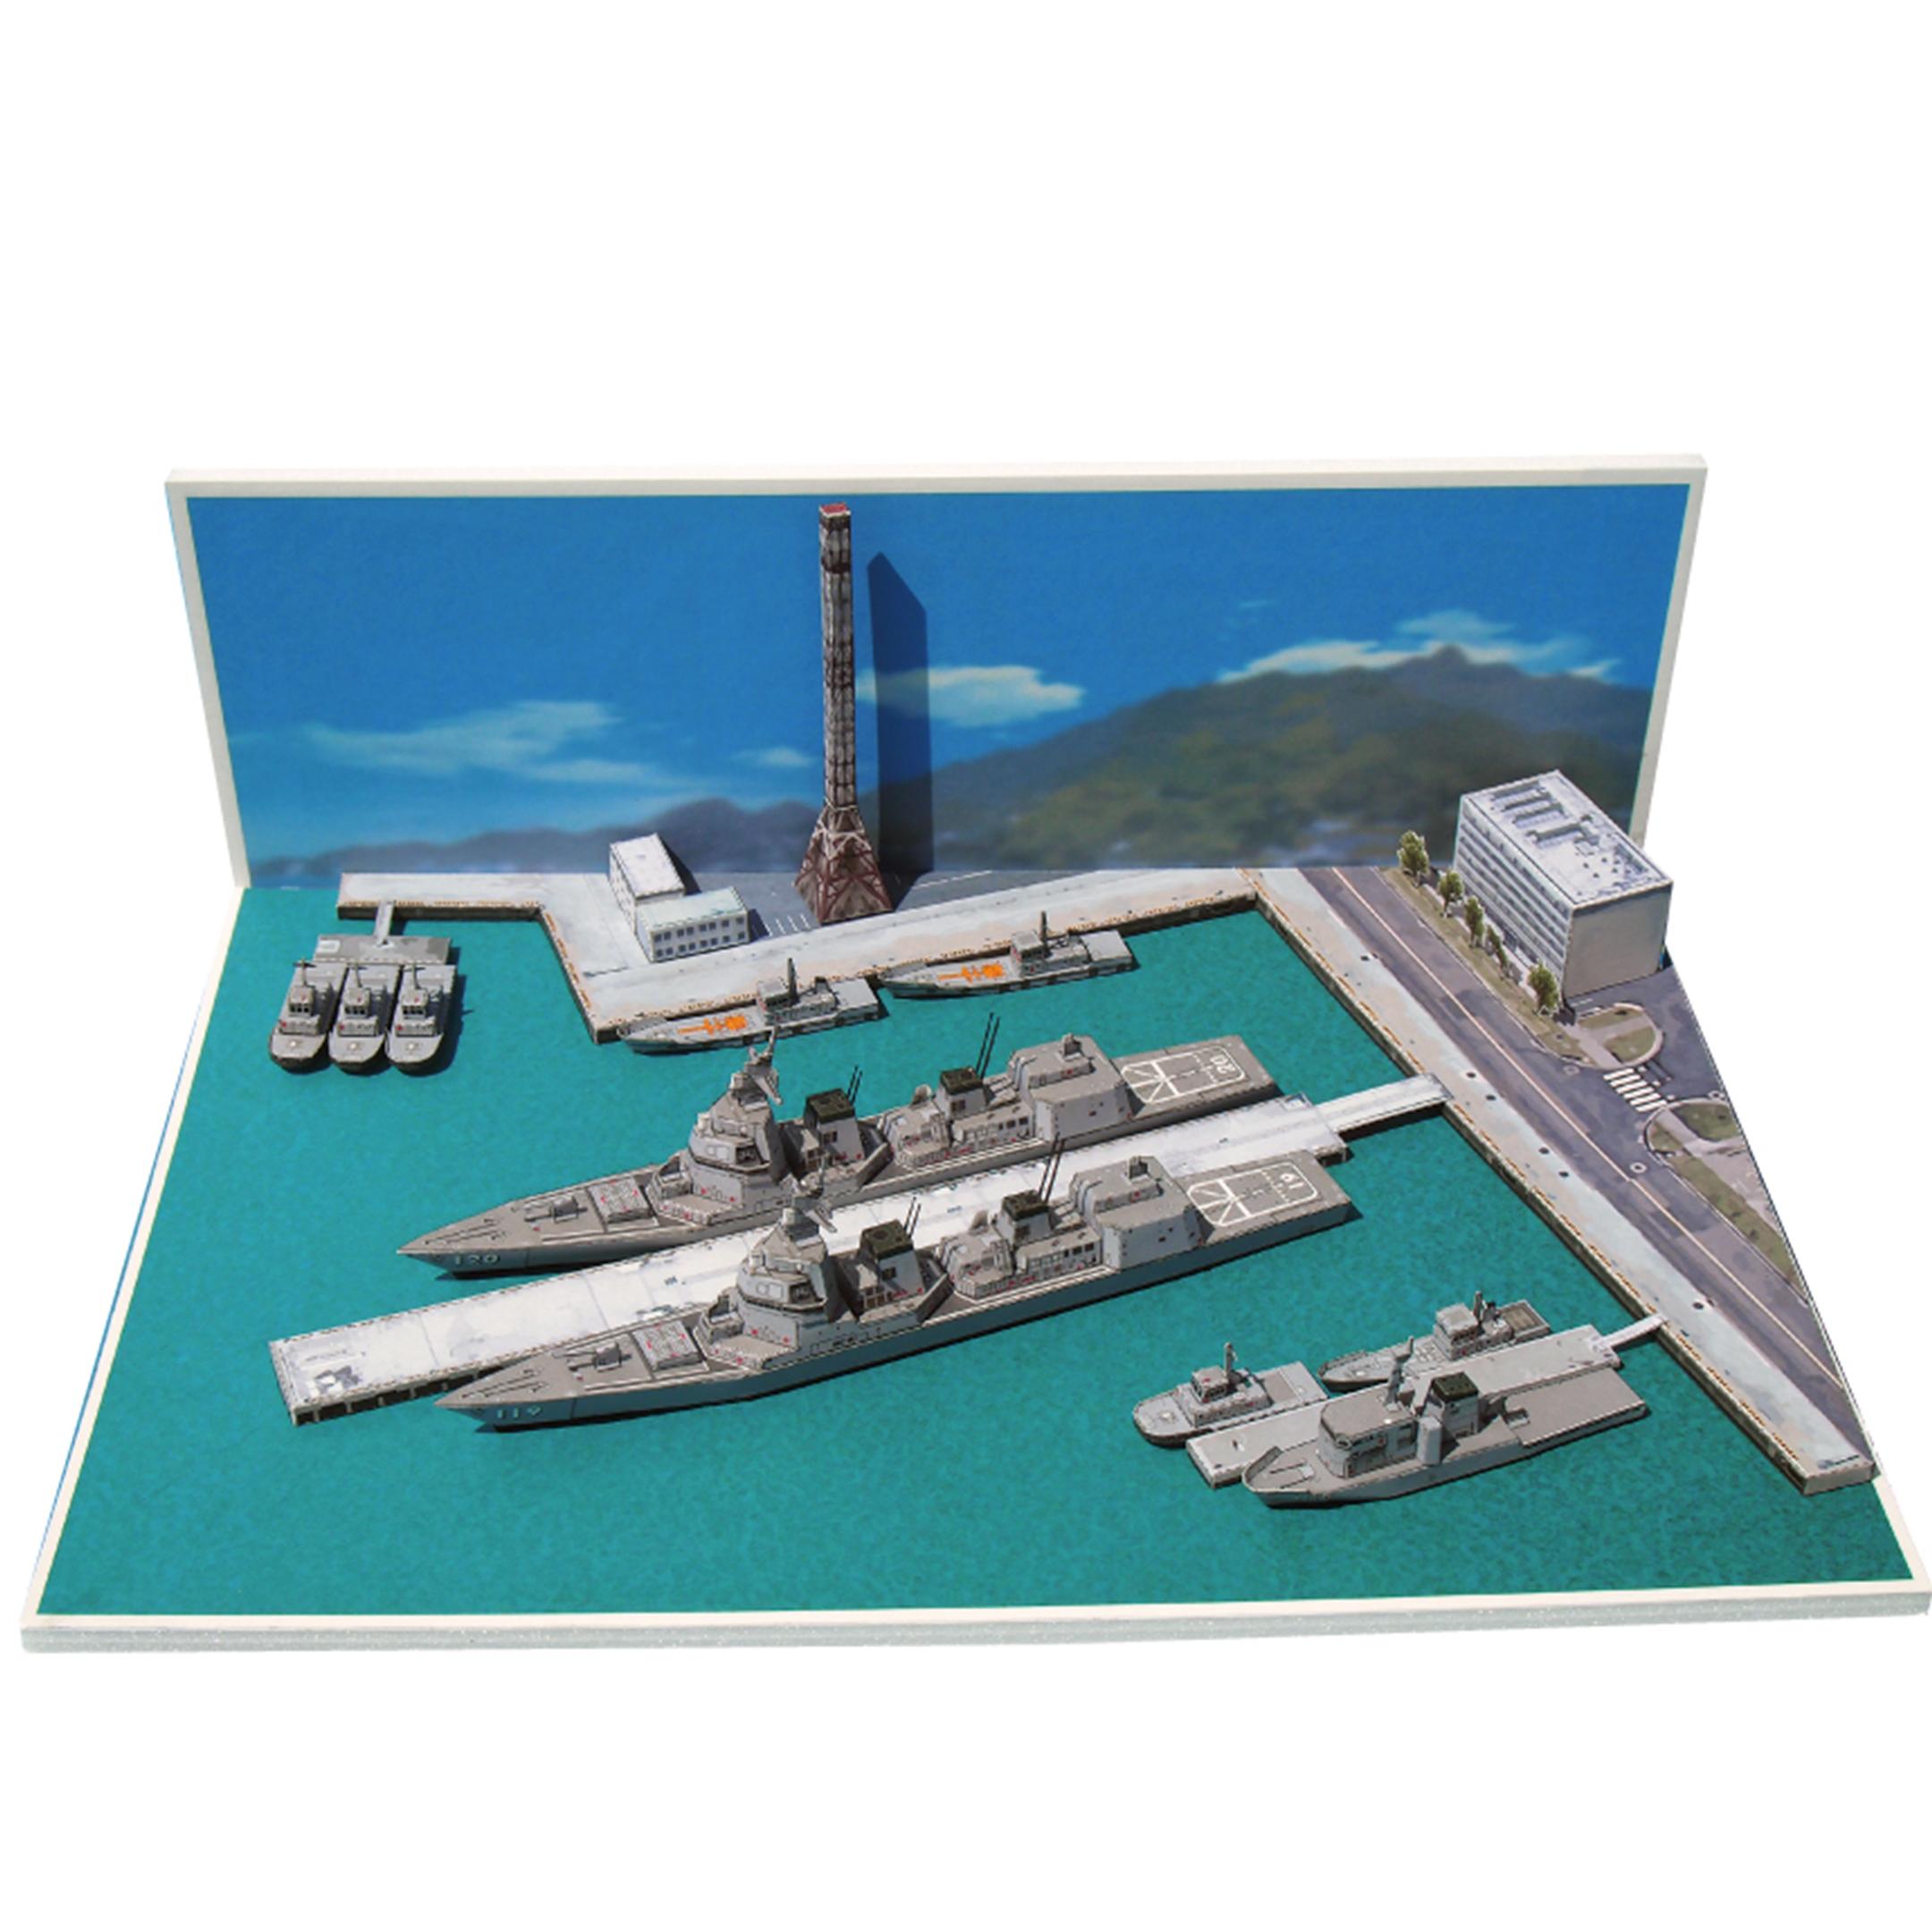 海上自衛隊の艦隊防空の要である汎用護衛艦 あさひ型 を1 900スケールでペーパークラフトキットにしました 夏休みの自由研究や父の日の工作キットギフトにも最適です 送料無料 ファセット ペーパークラフト 海上自衛隊 艦隊防空 購入 お値打ち価格で メール便発送 1 代引き未対応 パイングローバル PineGlobal 日本製 汎用護衛艦あさひ型 A4サイズ 900